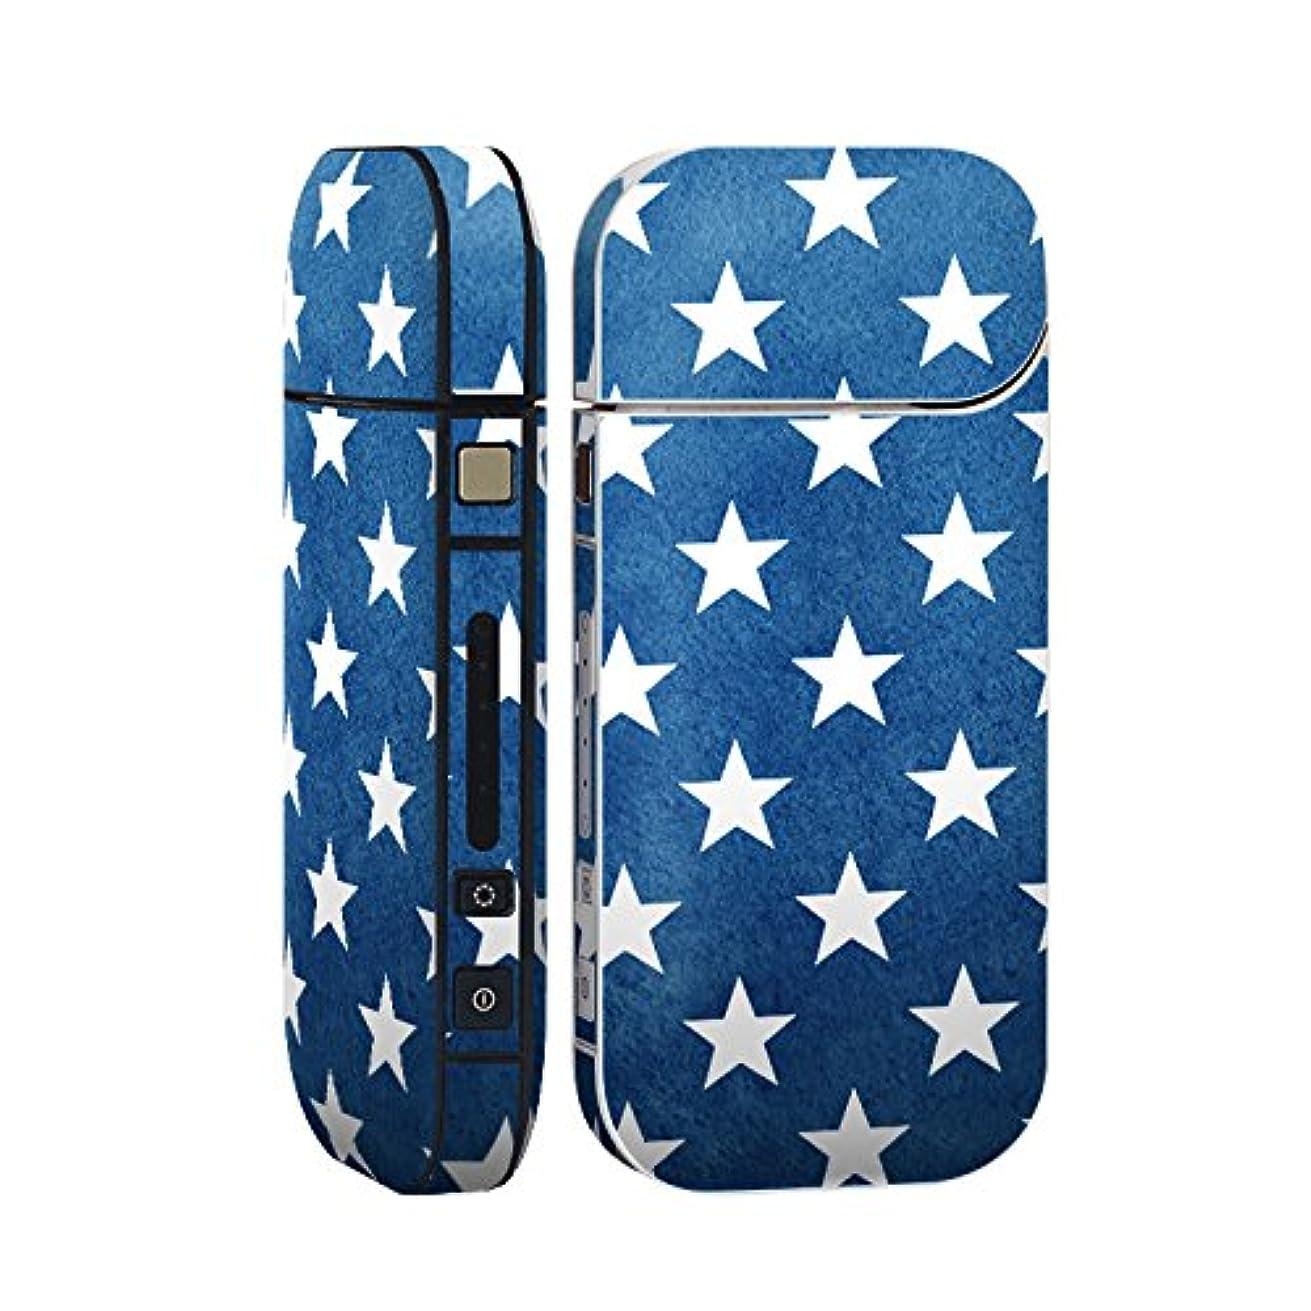 贅沢な粘り強い手荷物スマコレ IQOS 2.4 Plus 専用 シール 全面 ケース おしゃれ 全面ケース 保護 ステッカー デコ アクセサリー デザイン 青 星 スター 012367